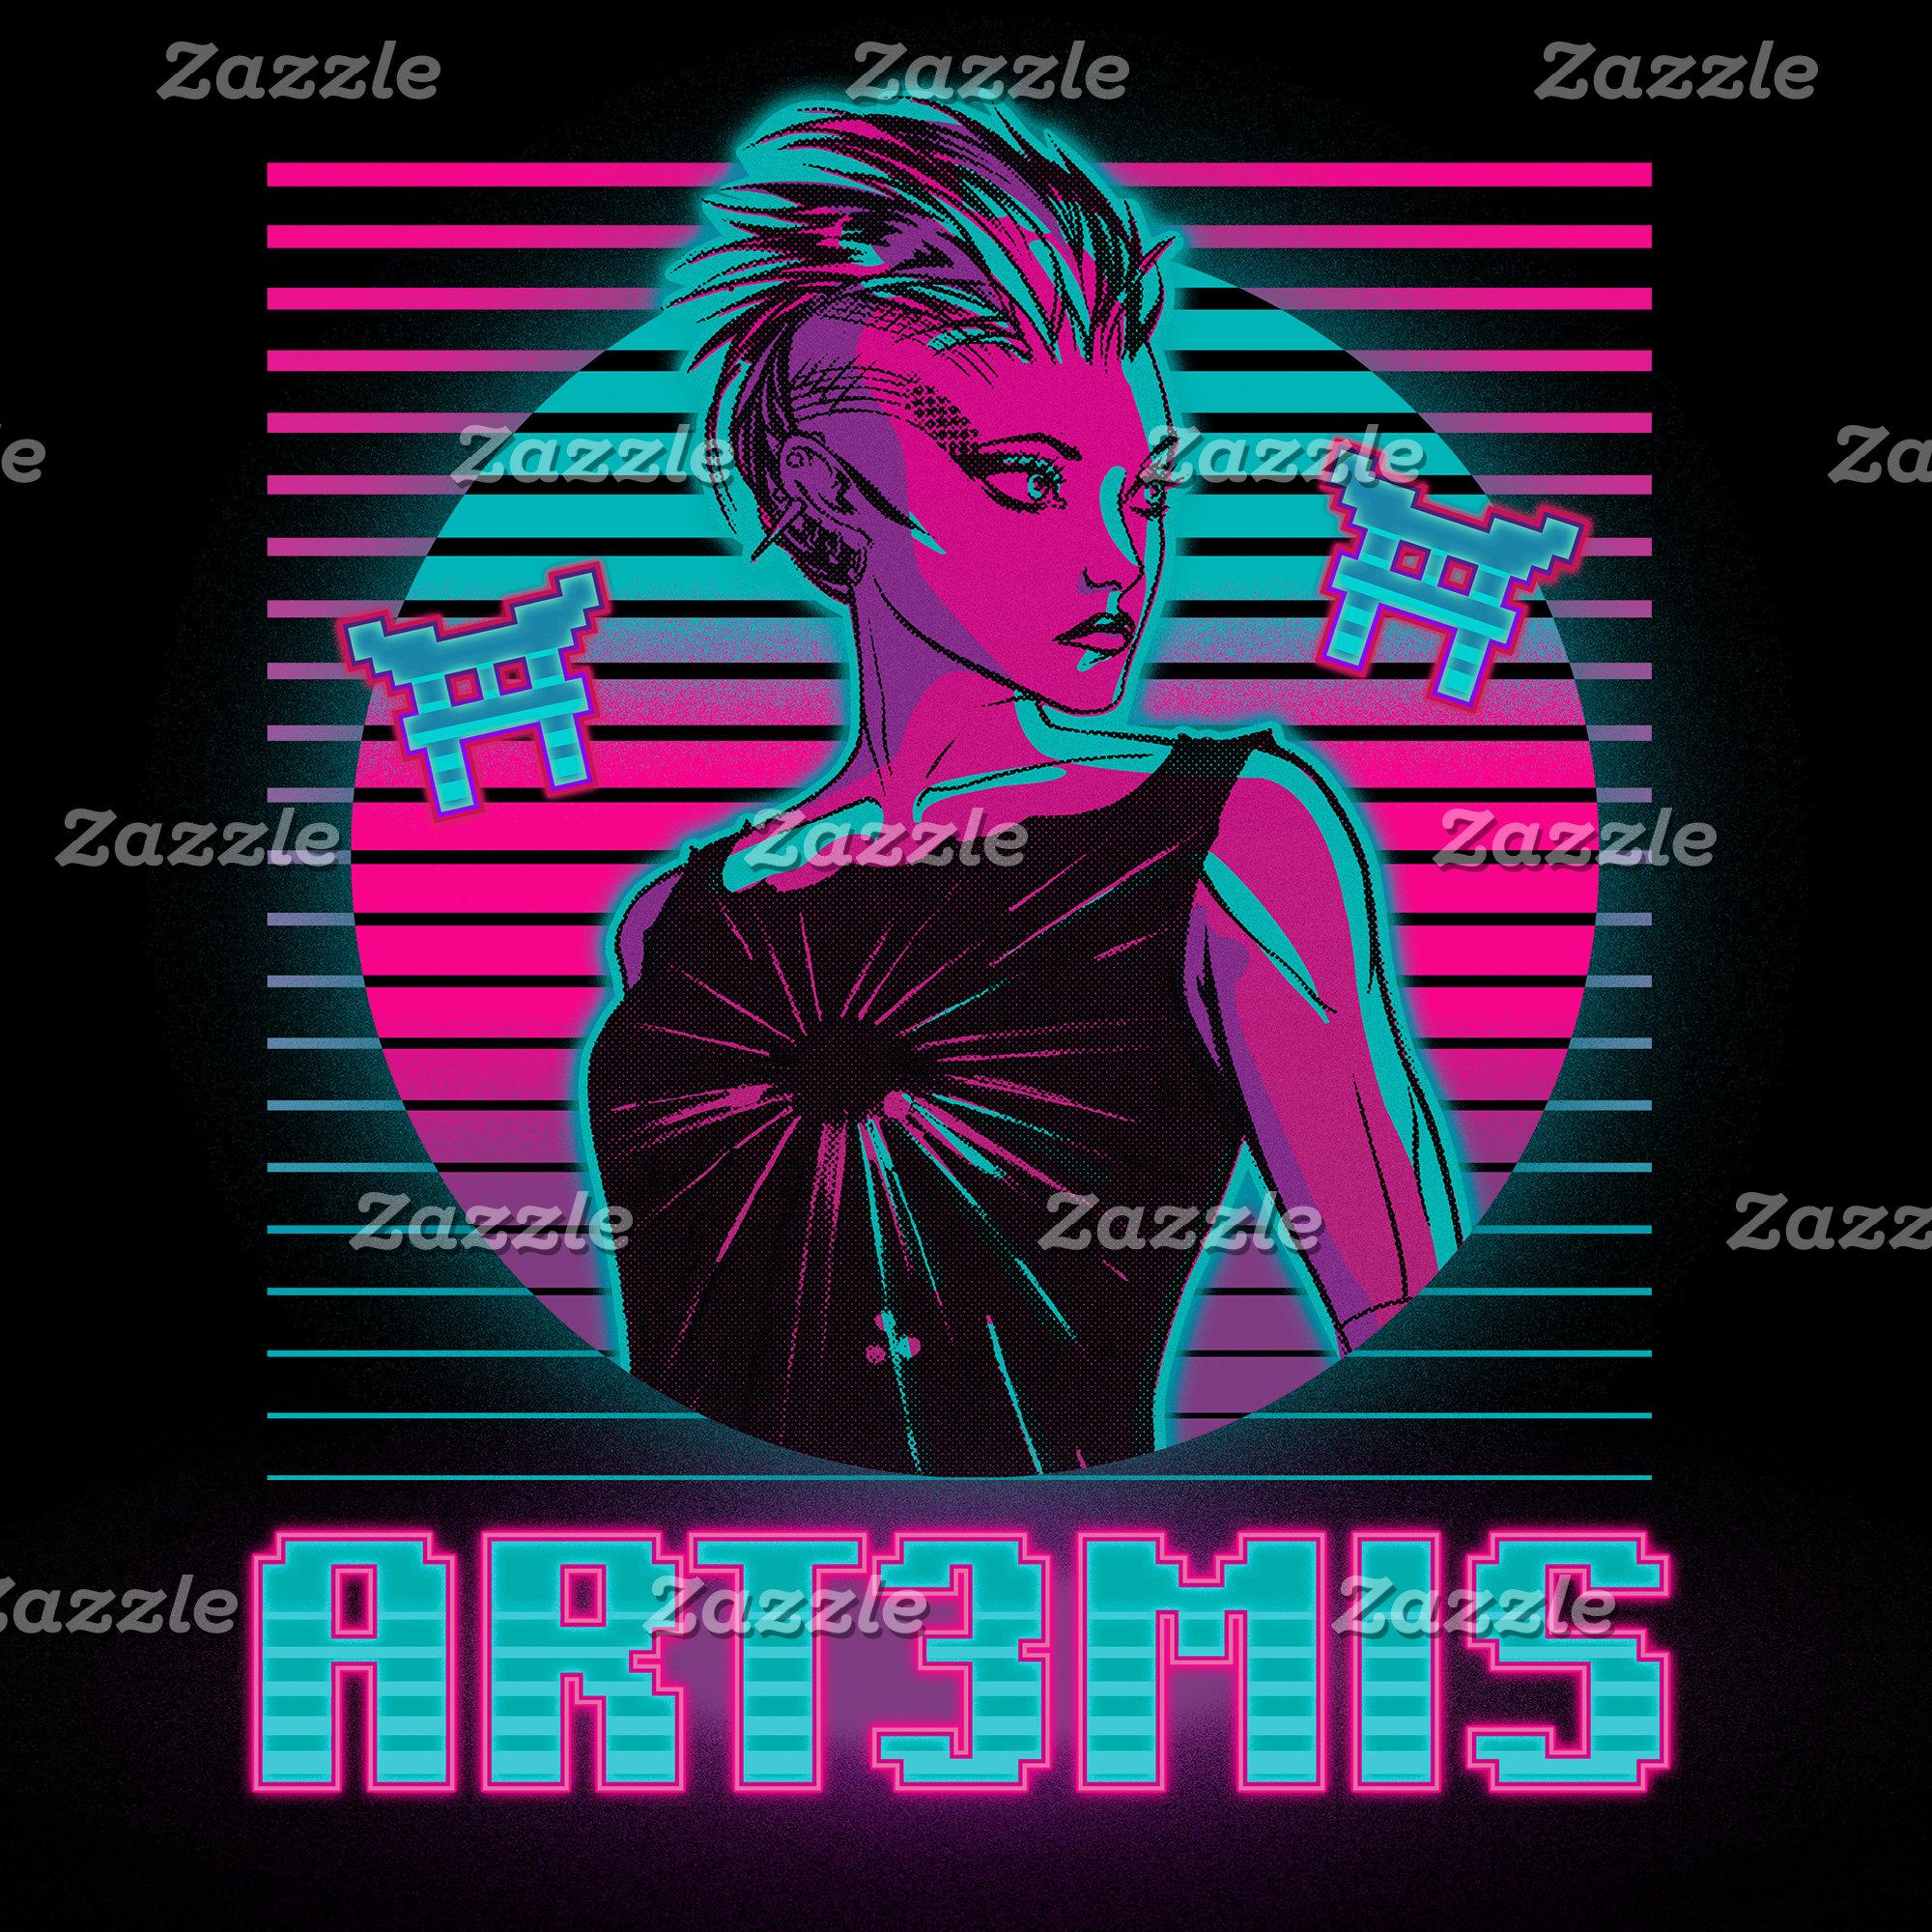 Art3mis Graphic